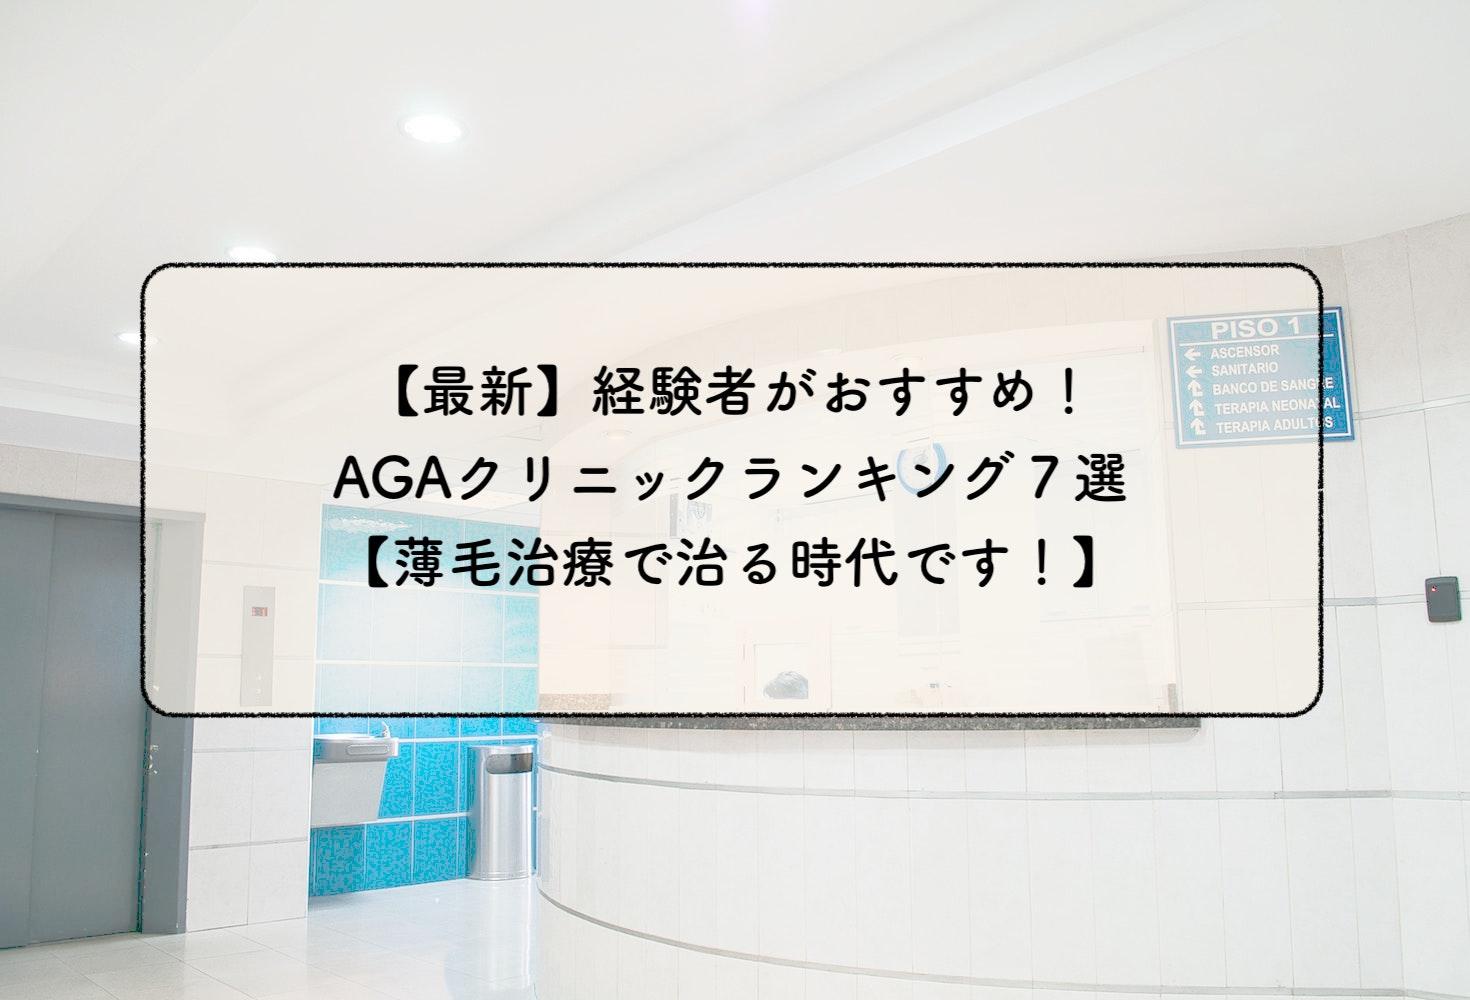 【最新】経験者がおすすめ!AGAクリニックランキング7選【薄毛治療】